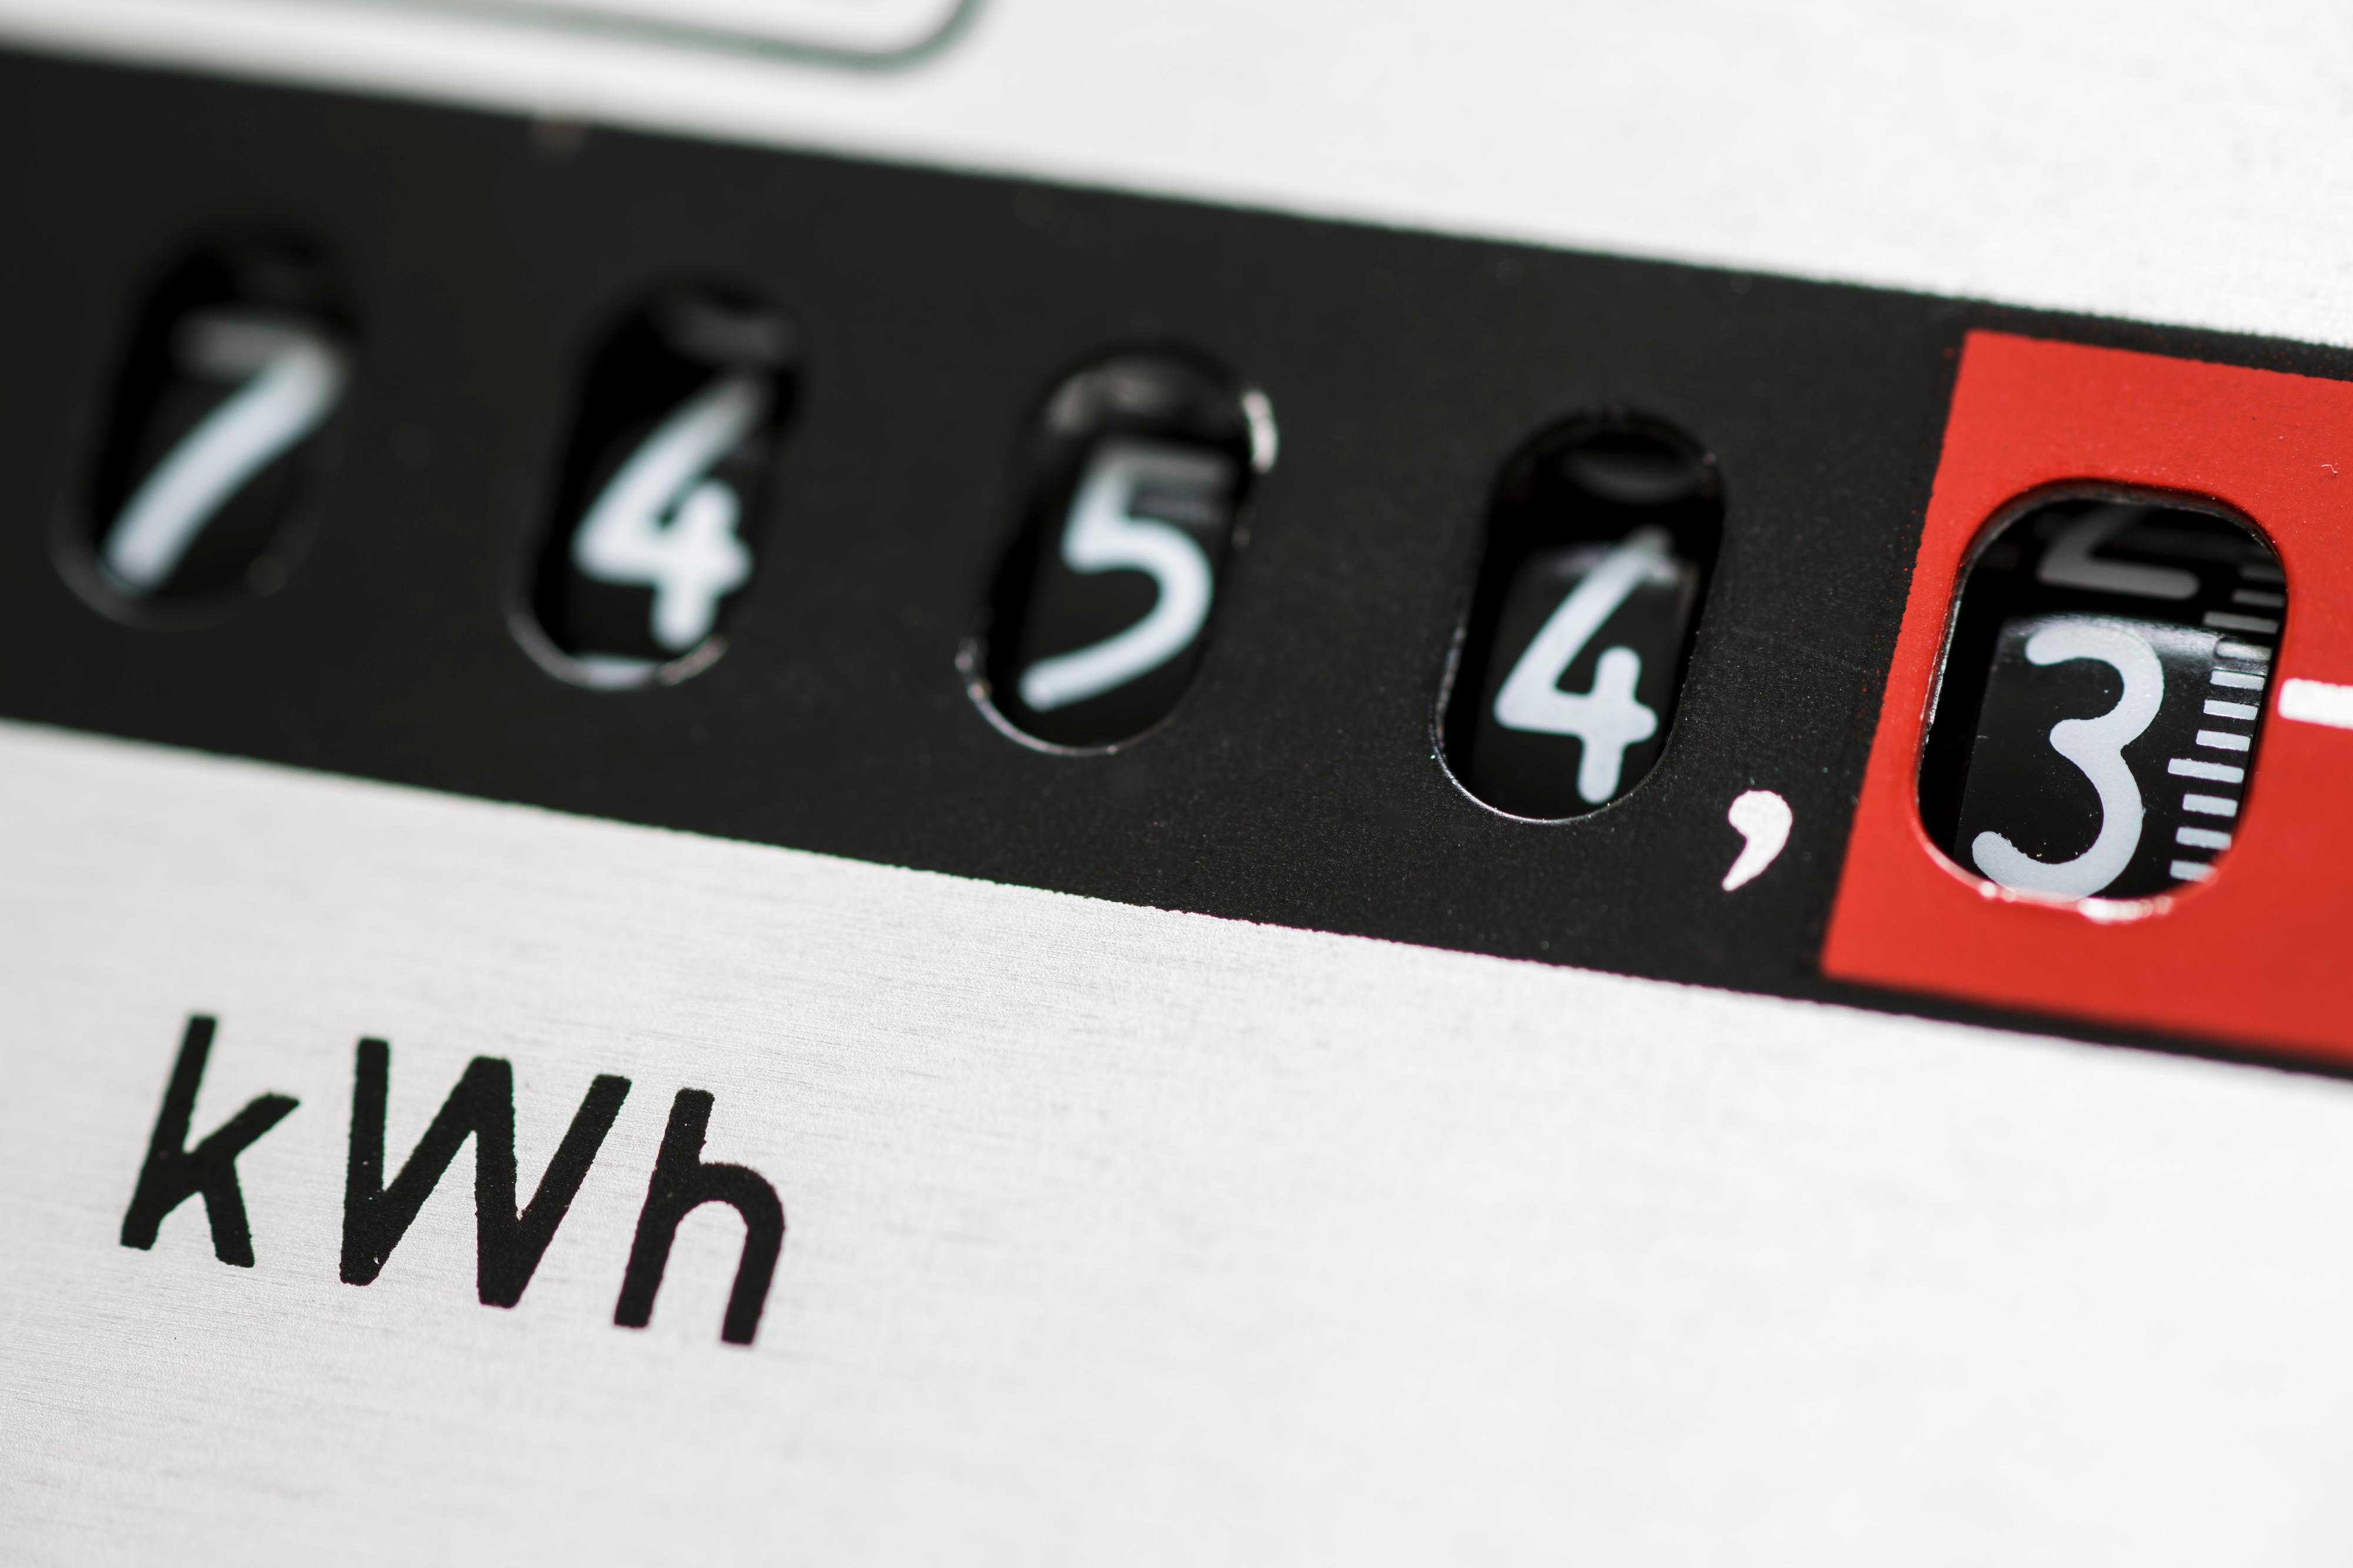 Detail eines Stromzählers mir dem Zählerstand 7454,3 Kilowattstunden